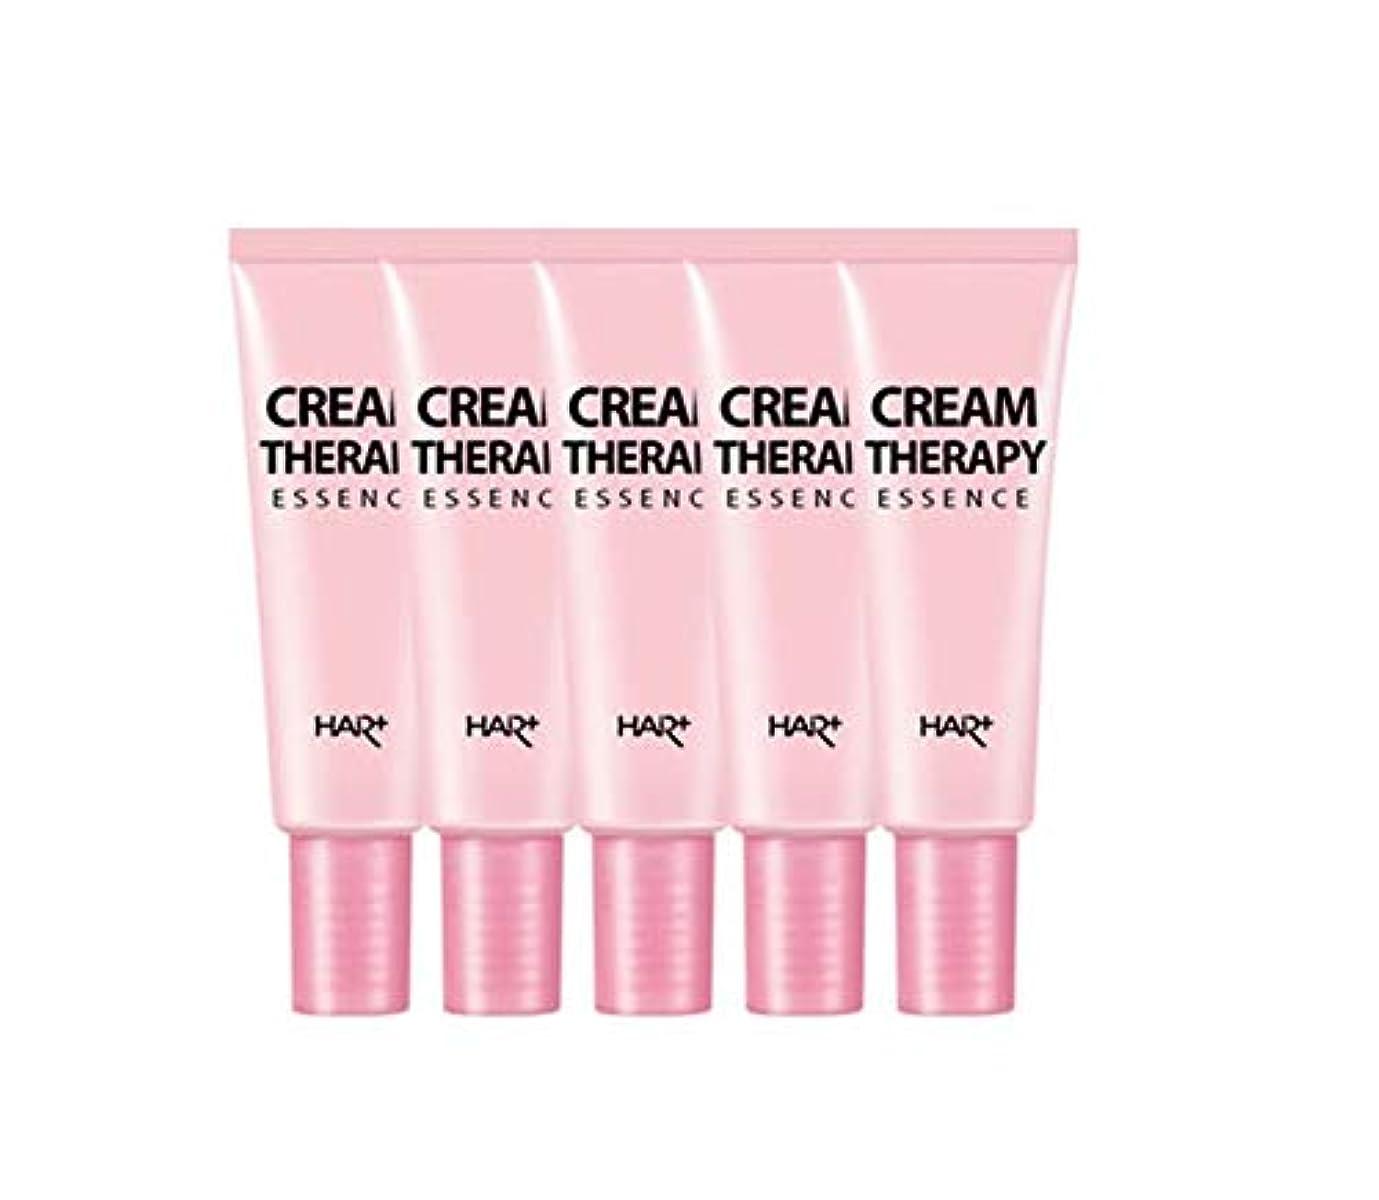 ヘアプラスHairplus韓国コスメ クリームセラピーヘアケアトリートメント美容液 9.3ml 5個セット海外直送品Cream Theraphy Essence [並行輸入品]